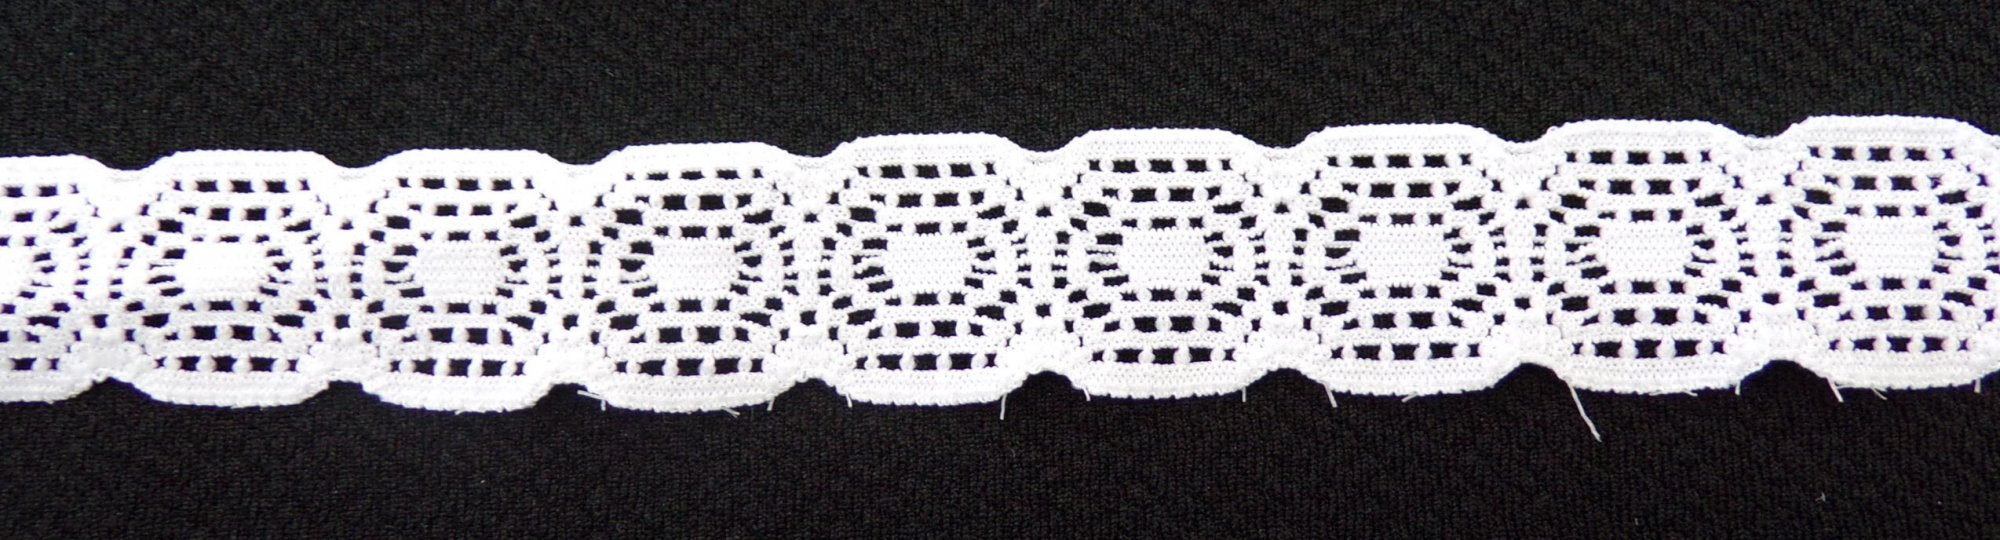 3/4in White stretch lace (SL545)